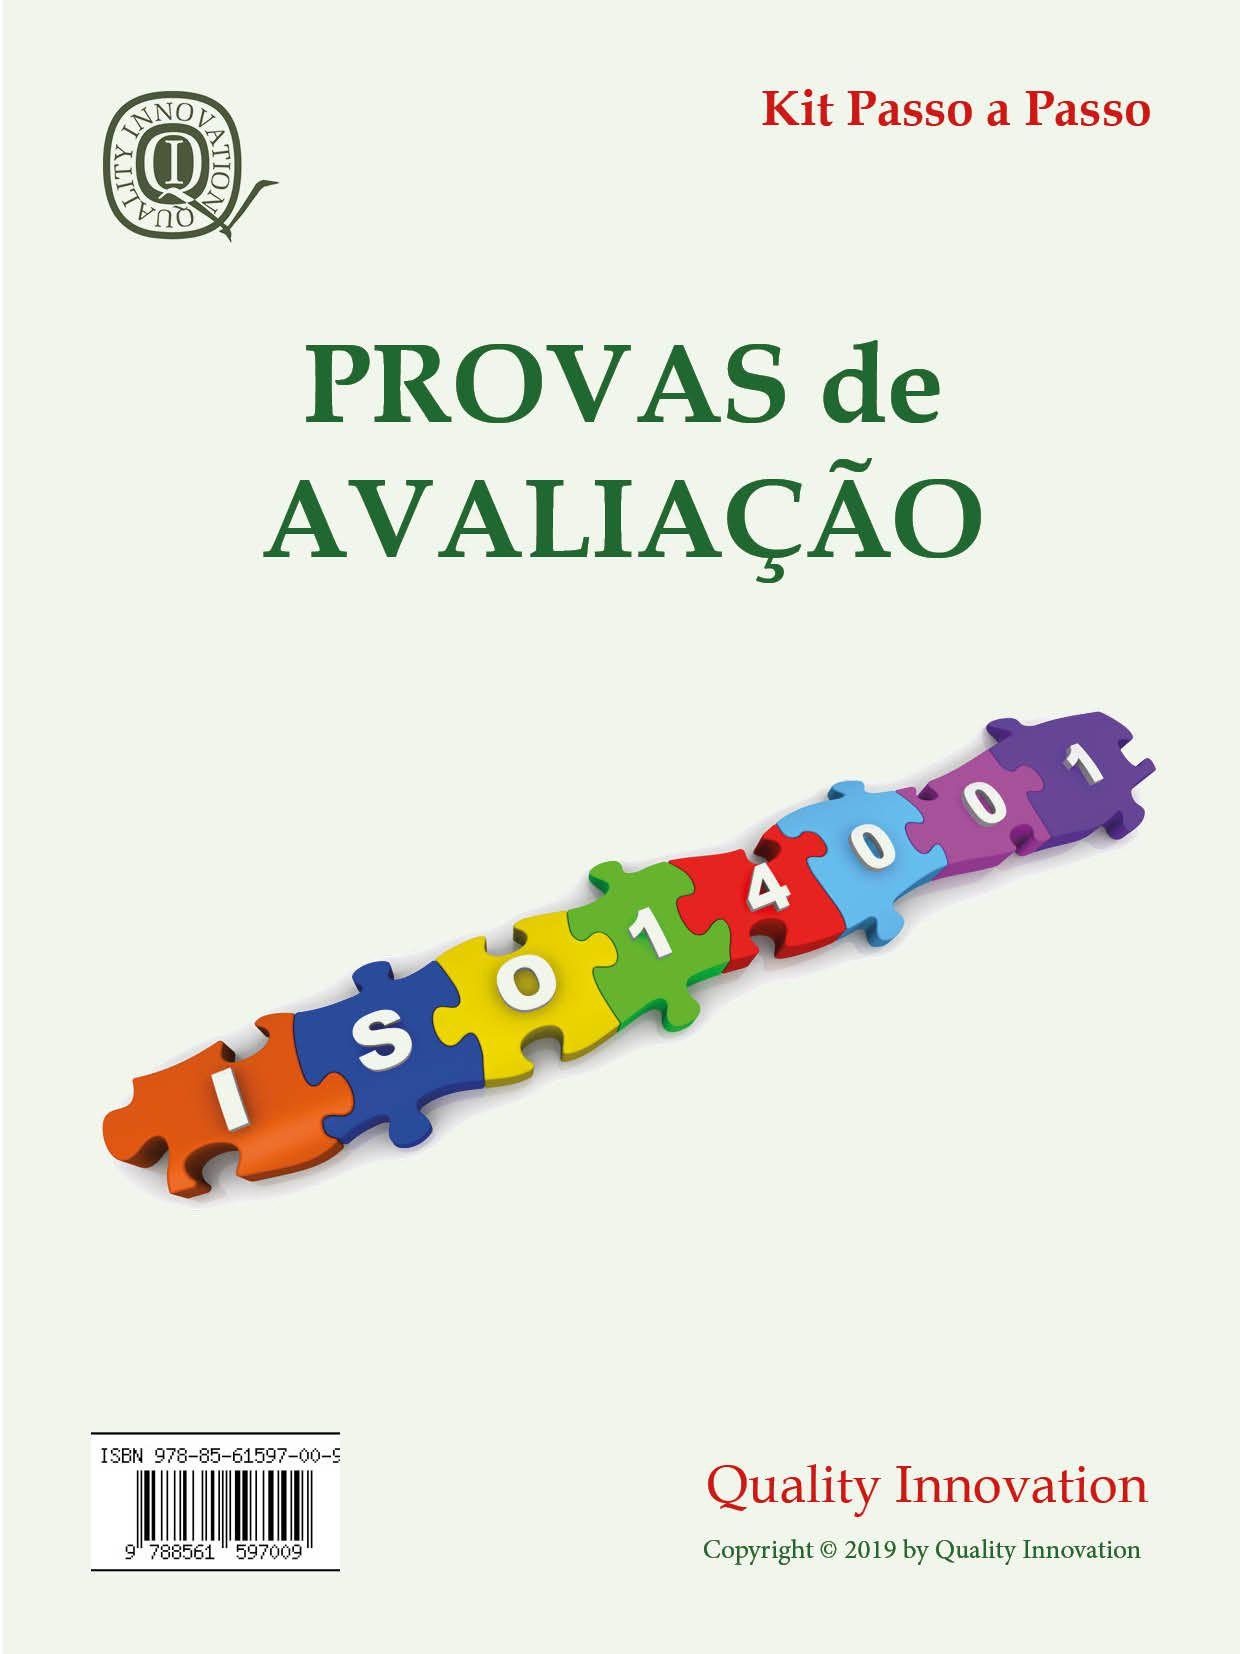 Provas de Avaliação da ISO 14001  - www.qualistore.net.br